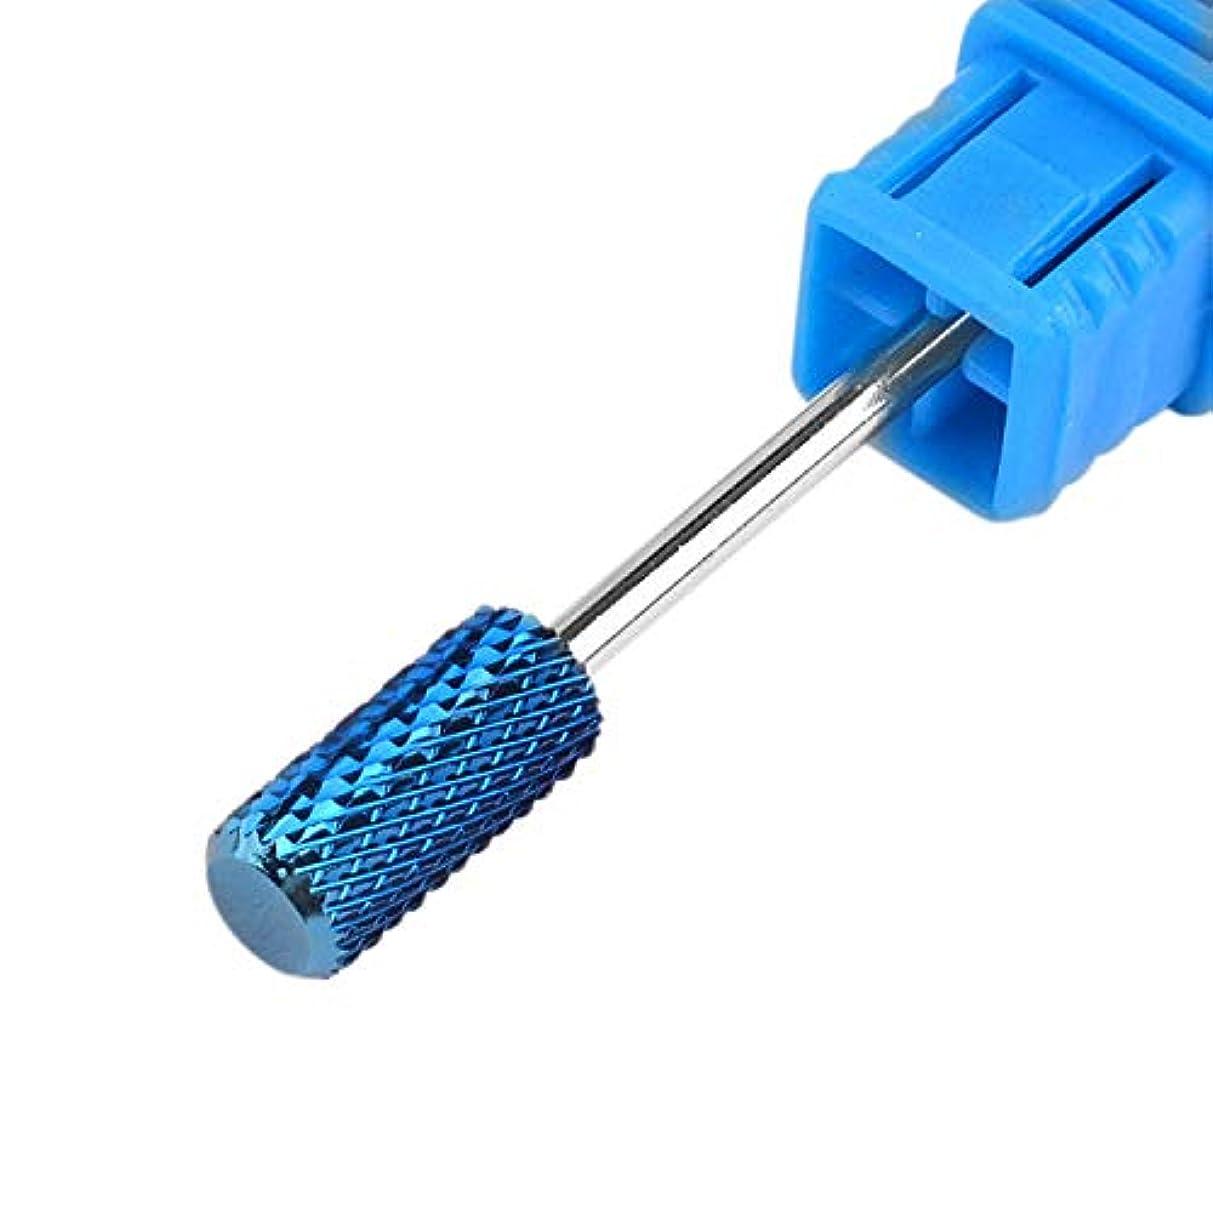 CUHAWUDBA Co8 タングステン鋼 ネイル用 メッキ タングステン鋼の研削ヘッド シングル-タイプ 電動ネイル用研削盤のツール